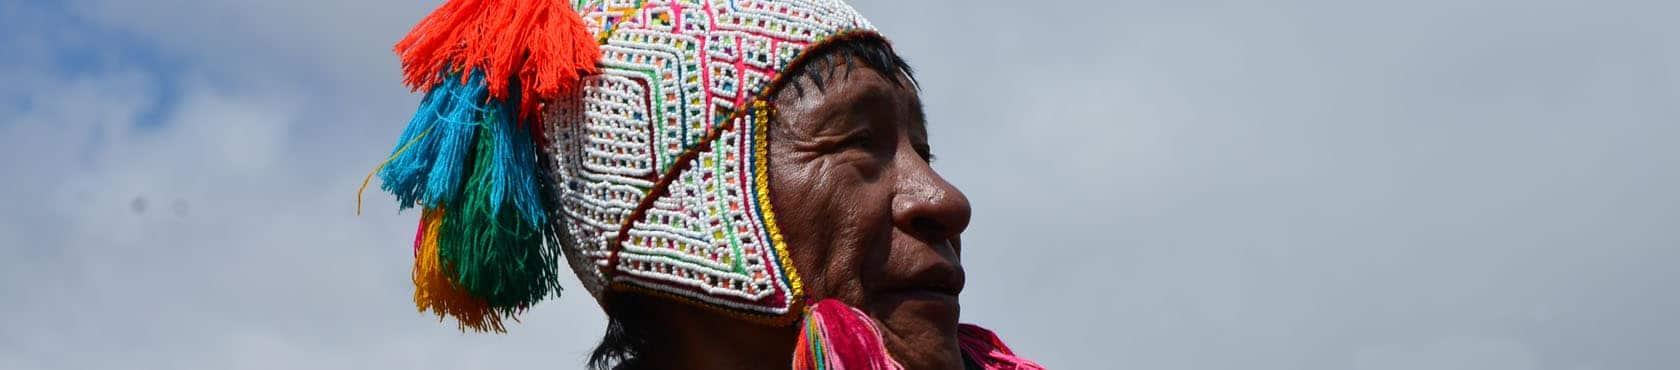 Martin Quispe Machacca, Altomesayoq und Hohepriester der Inkas, ruft die Pachama und die Spirits der Berge